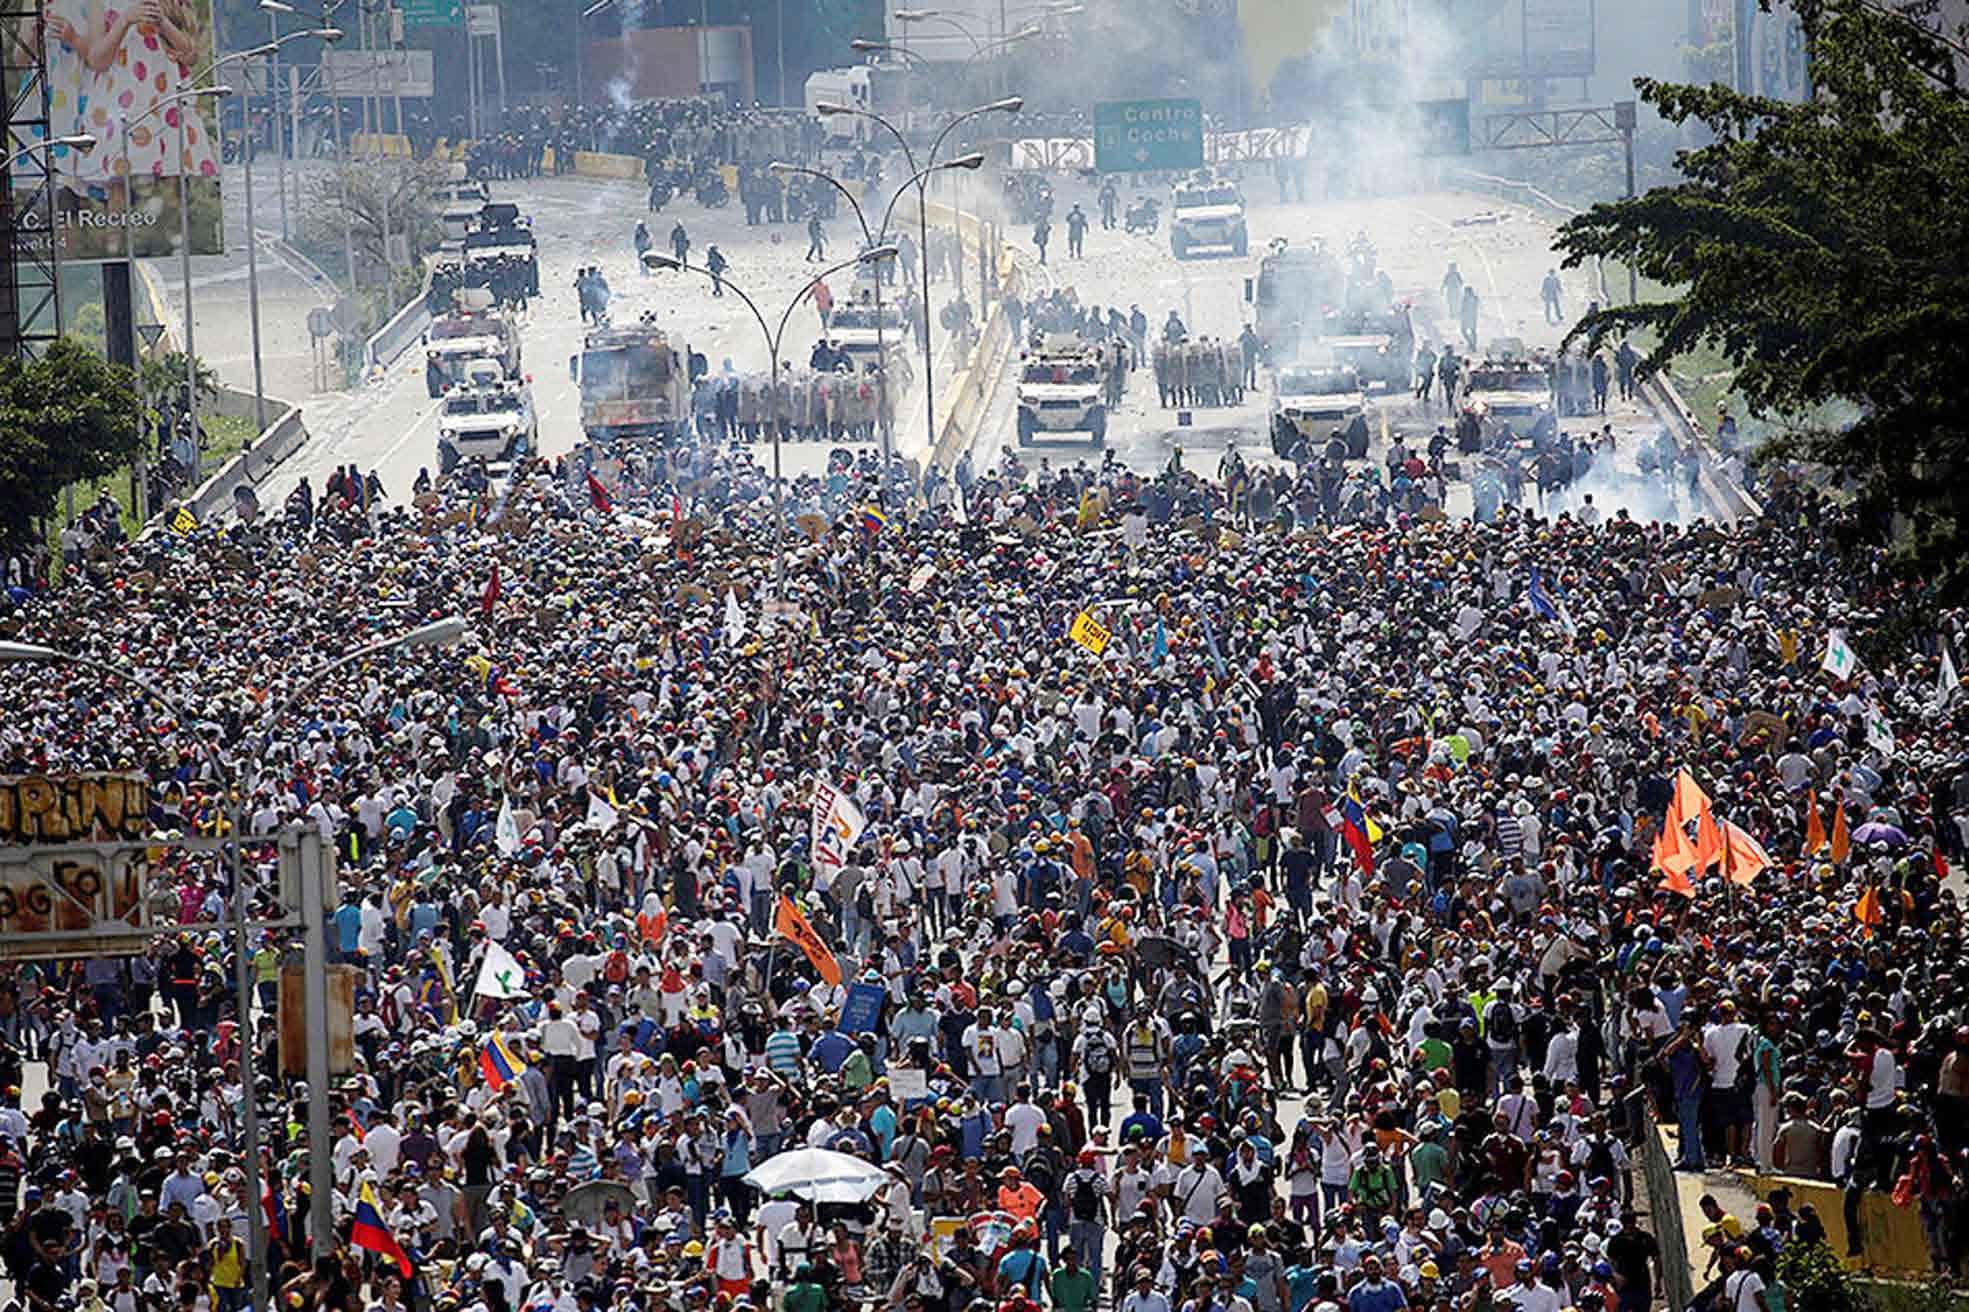 Венесуэль тамыг Уго Чавес, Мадуро нар биш, Венесуэлийн ард түмэн бүтээсэн